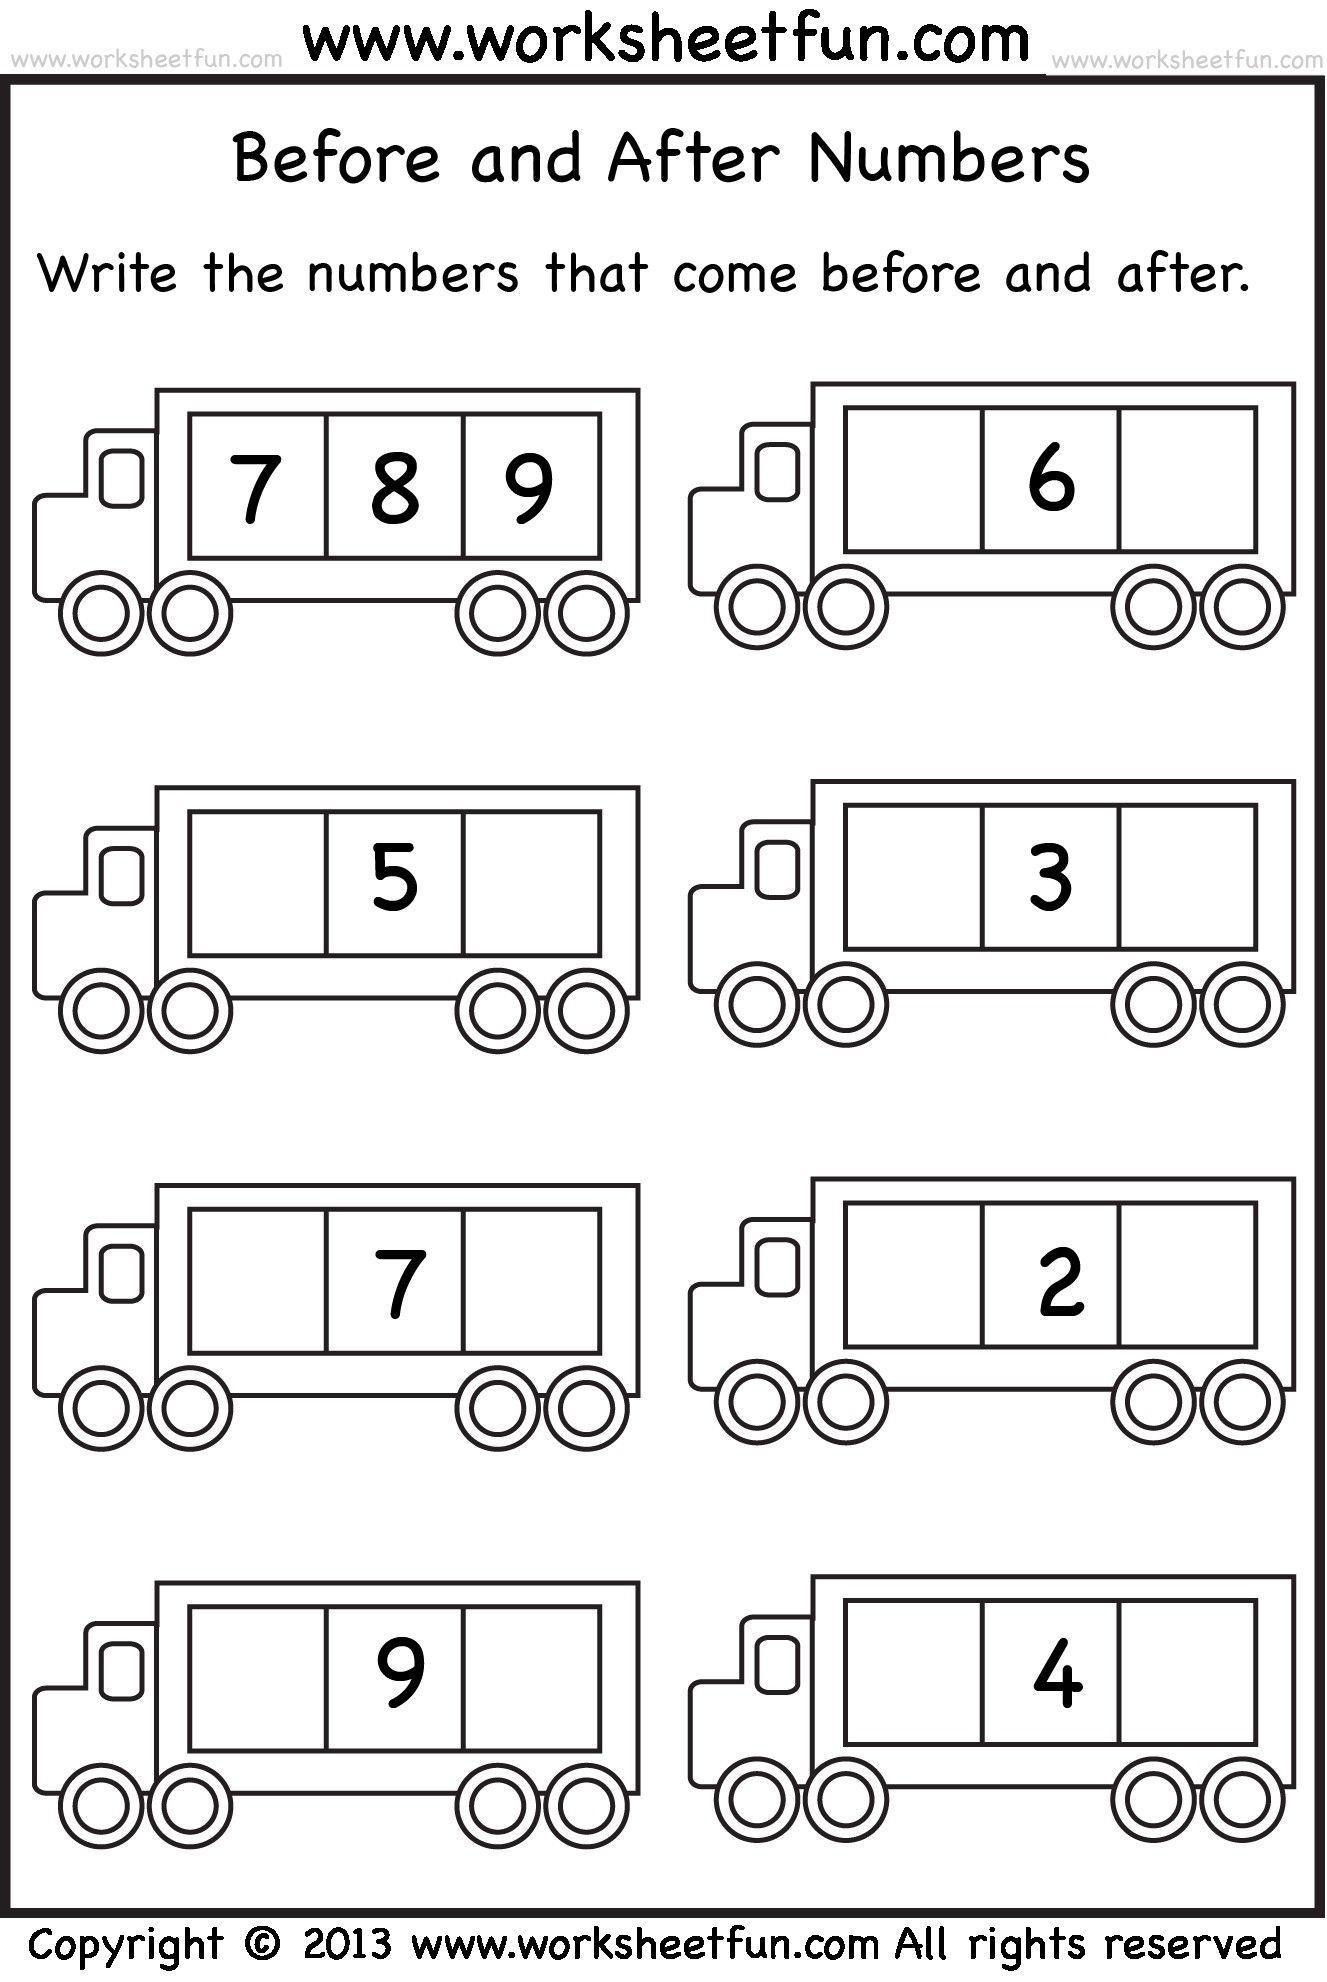 Number Patterns Worksheets 3rd Grade